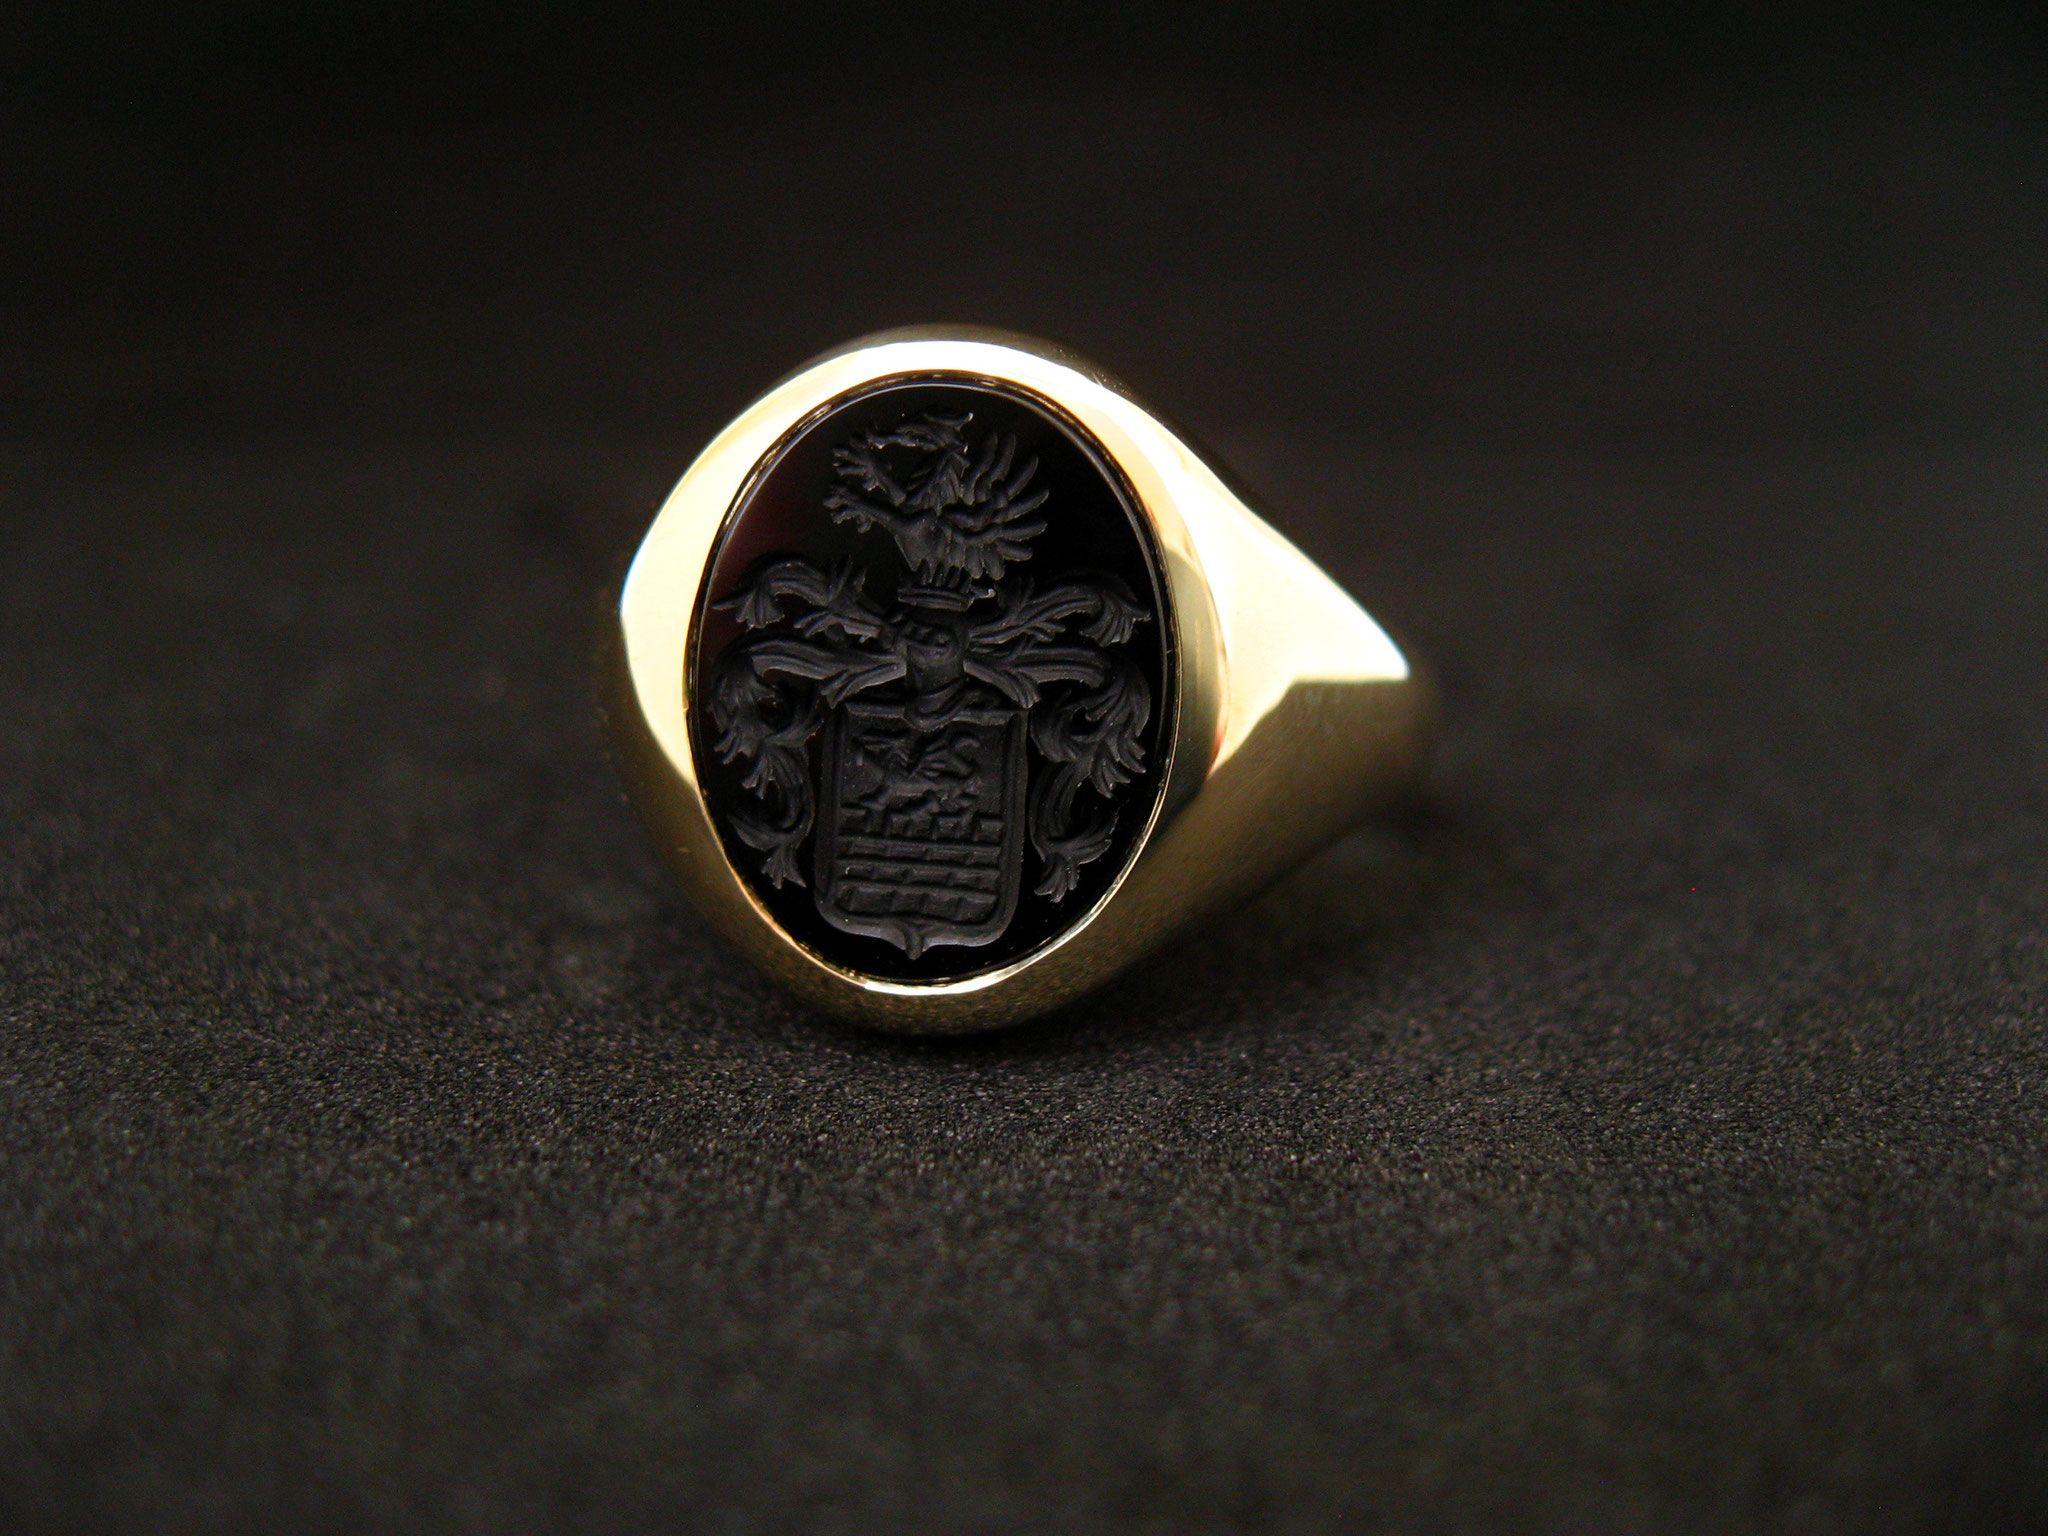 Edler Siegelring aus Gelbgold mit yx siegelring